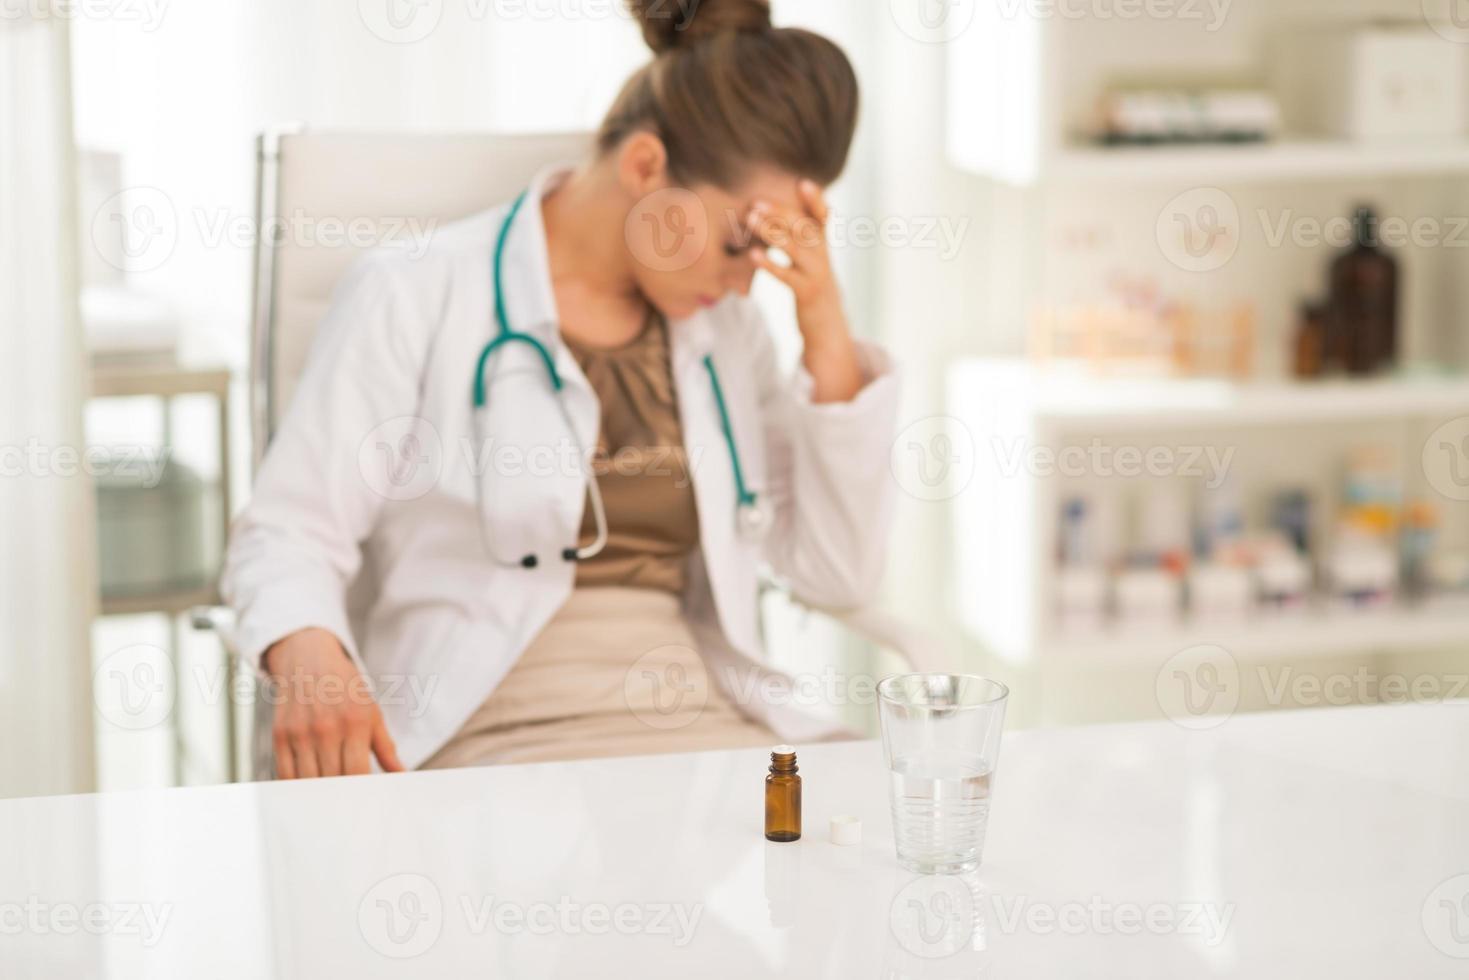 Gros plan sur calmant et verre stressé médecin en arrière-plan photo